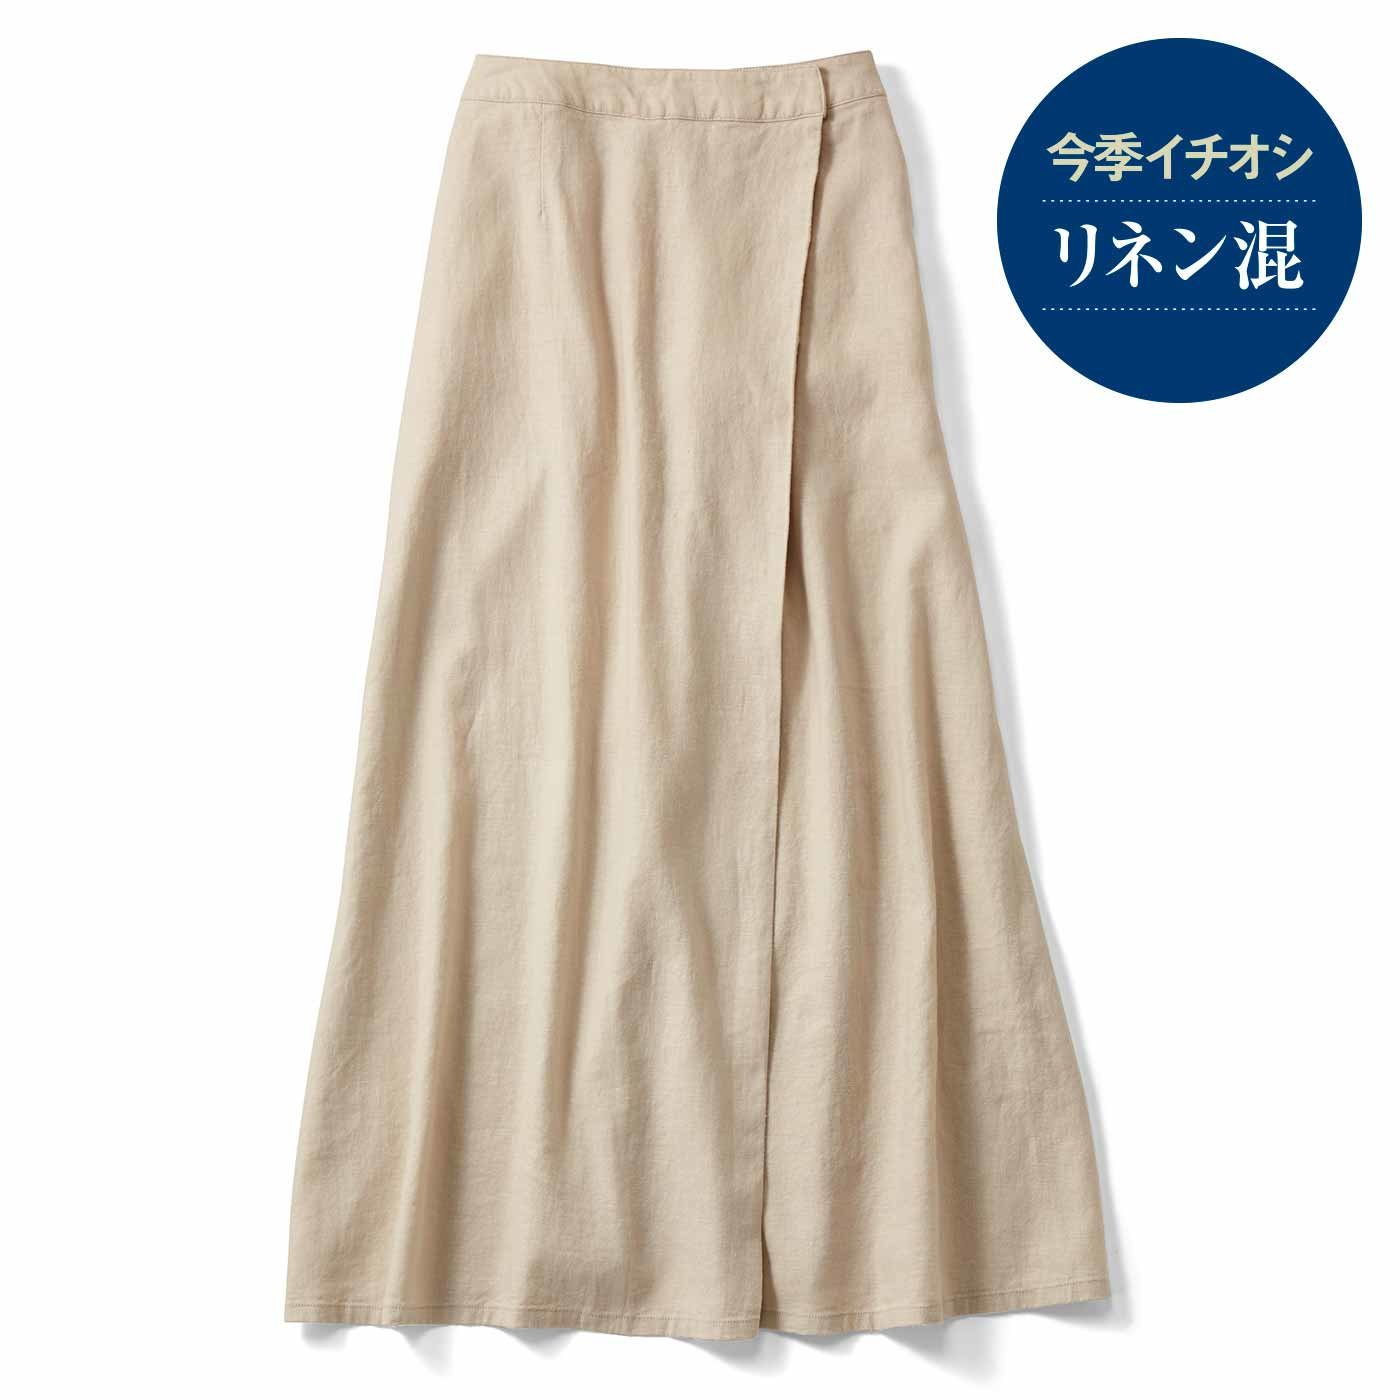 【3~10日でお届け】IEDIT[イディット] リネン混素材で上質にこなれる すっきりシルエットのラップ風Aラインロングスカート〈ベージュ〉